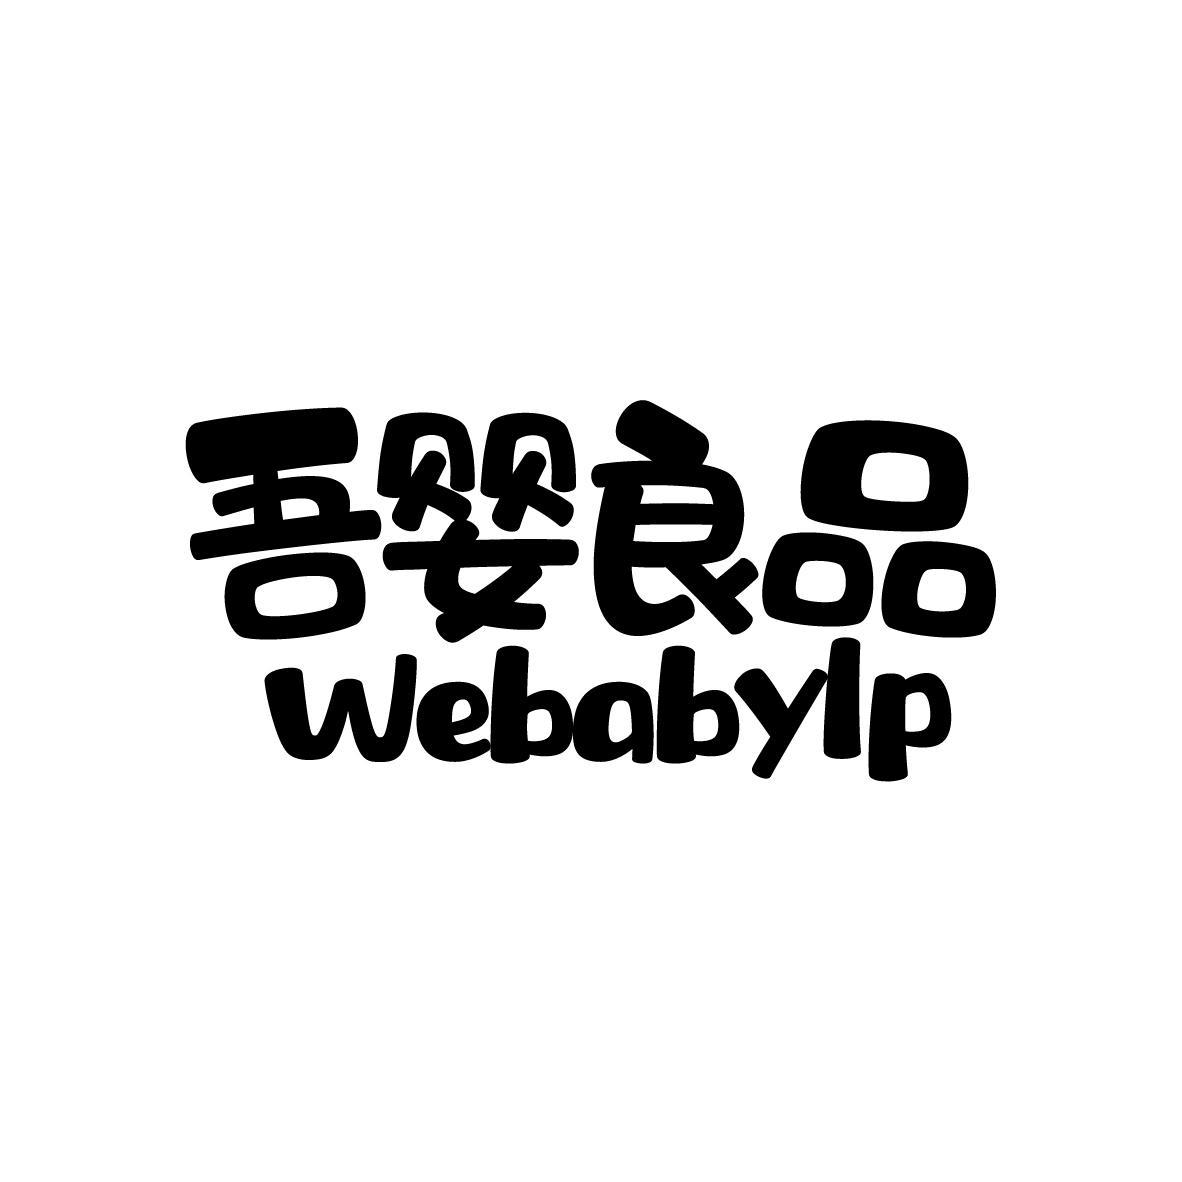 转让商标-吾婴良品 WEBABYLP